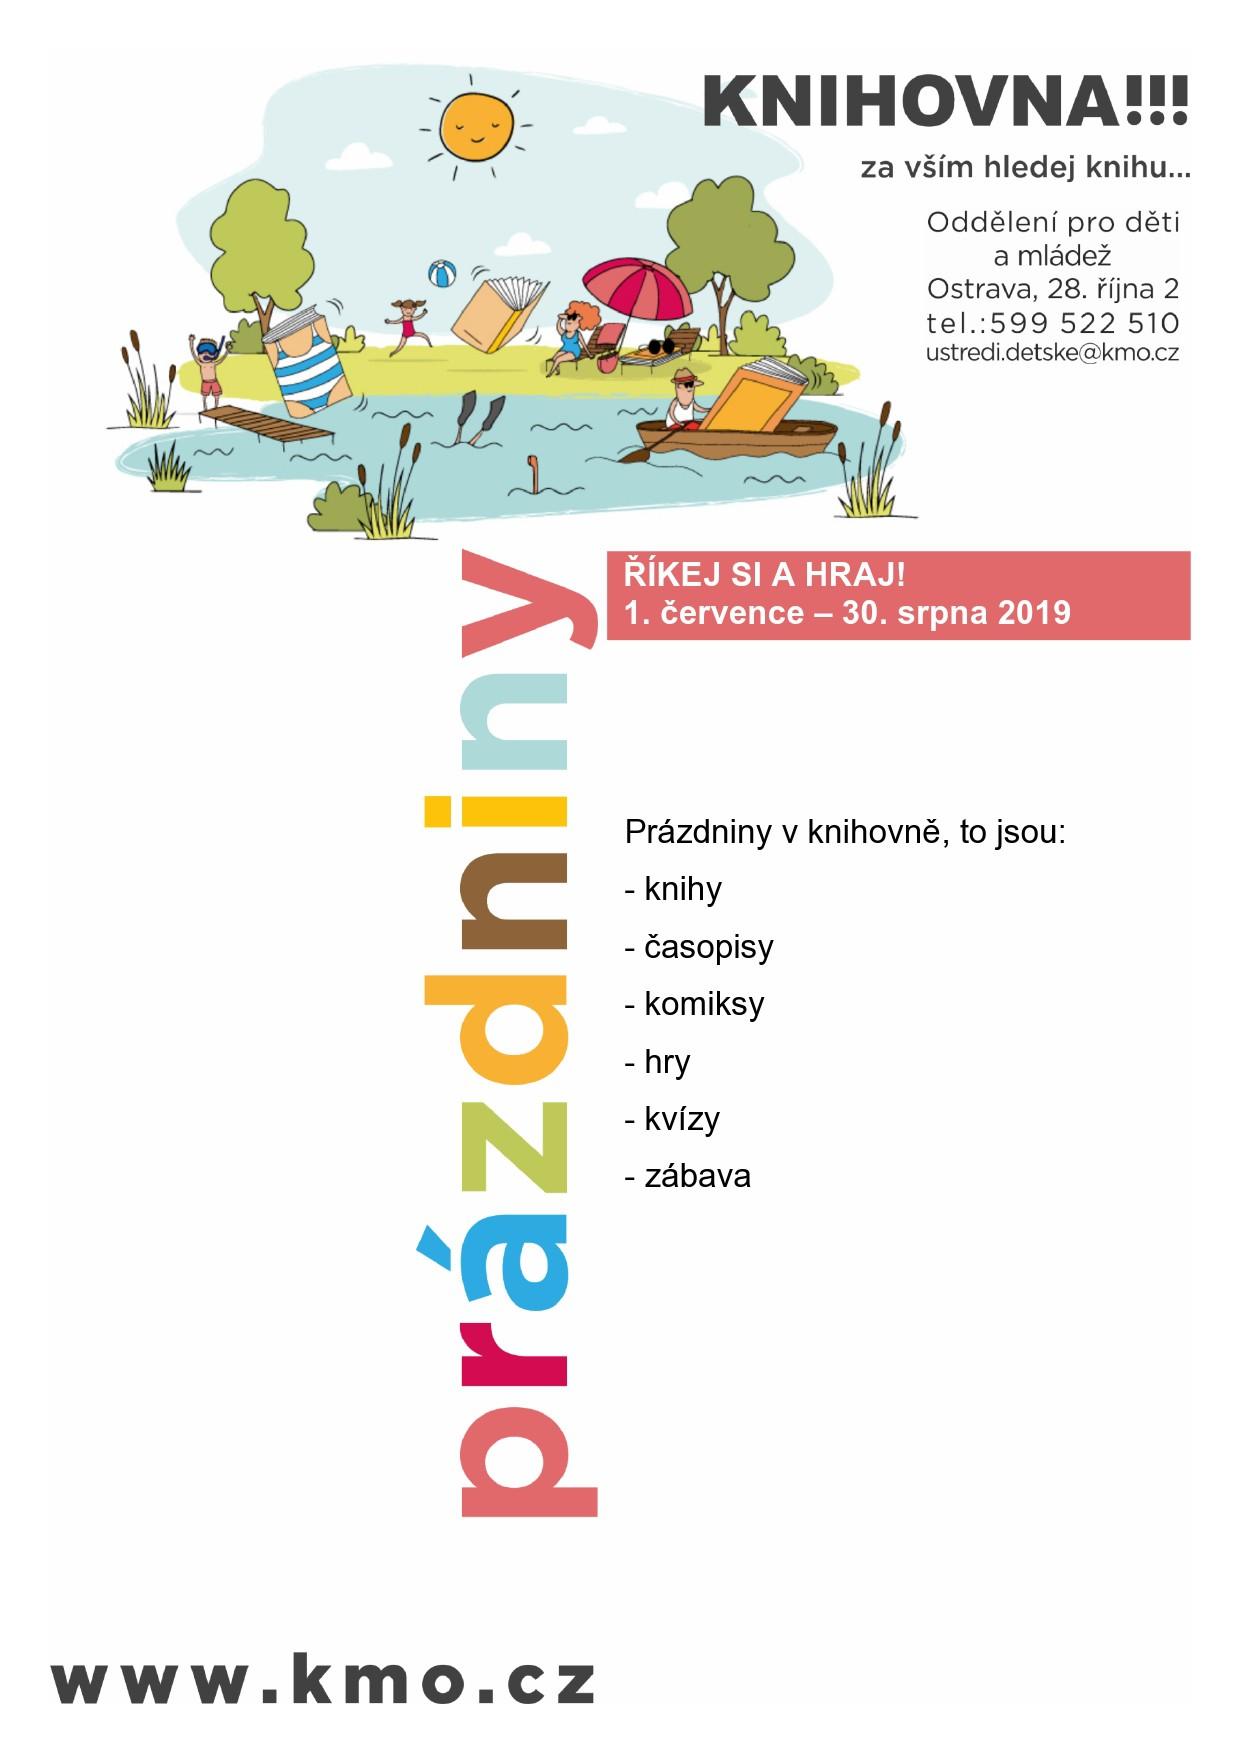 Prázdniny v knihovně -  ŘÍKEJ SI A HRAJ! 1. července – 30. srpna 2019 Prázdniny v knihovně, to jsou:  - knihy, časopisy, komiksy, hry, kvízy, zábava Oddělení pro děti a mládež, Knihovna města Ostravy, příspěvková organizace, ul. 28. října 2, 702 00 Ostrava